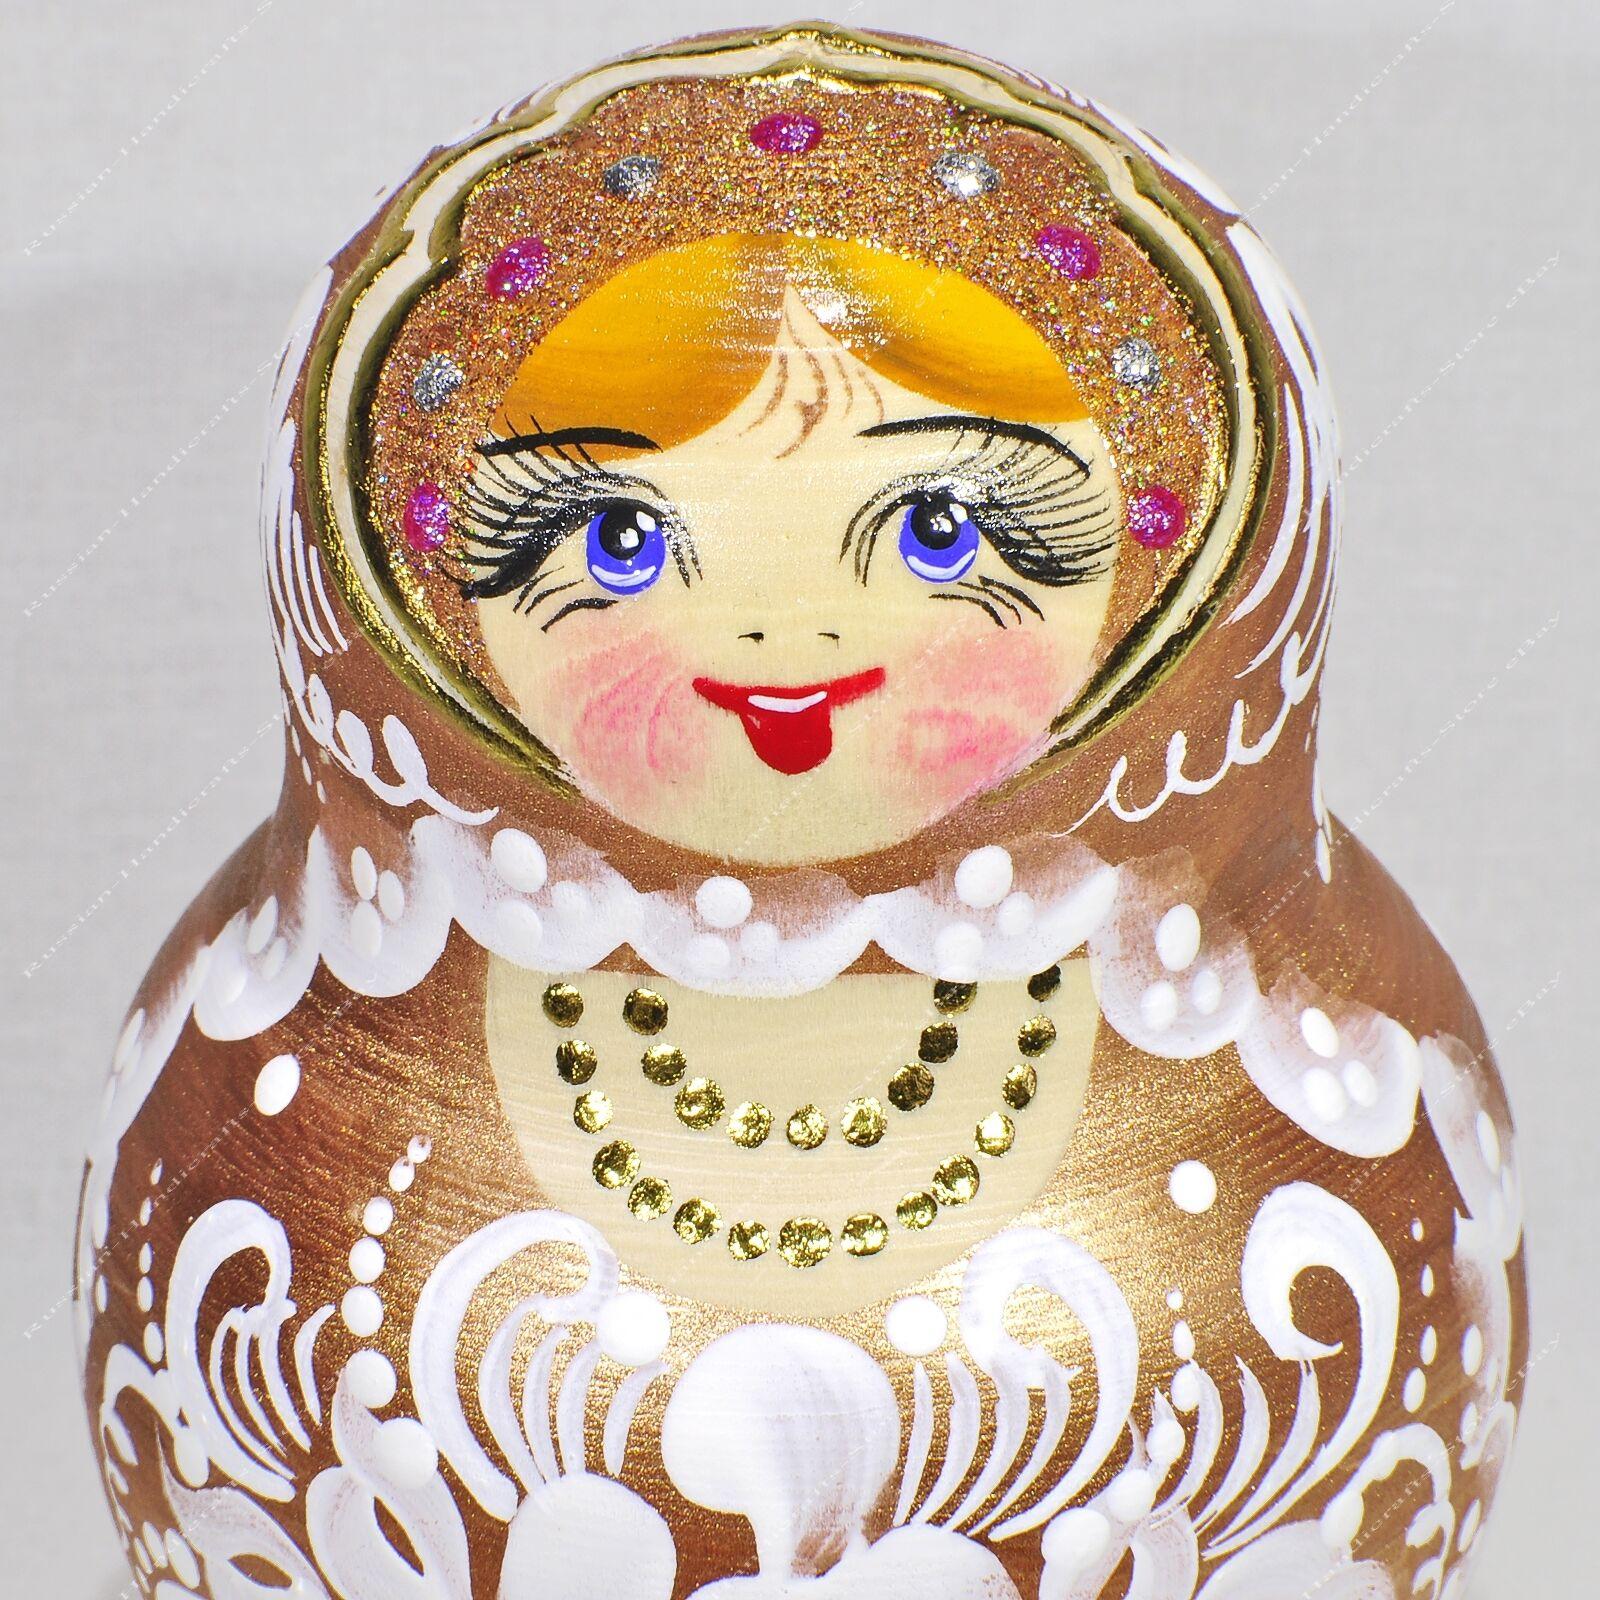 7  Magnifique Or Authentique Russe  MATRIOCHKA 15 pièces Poupées Russes 15PCS  offres de vente